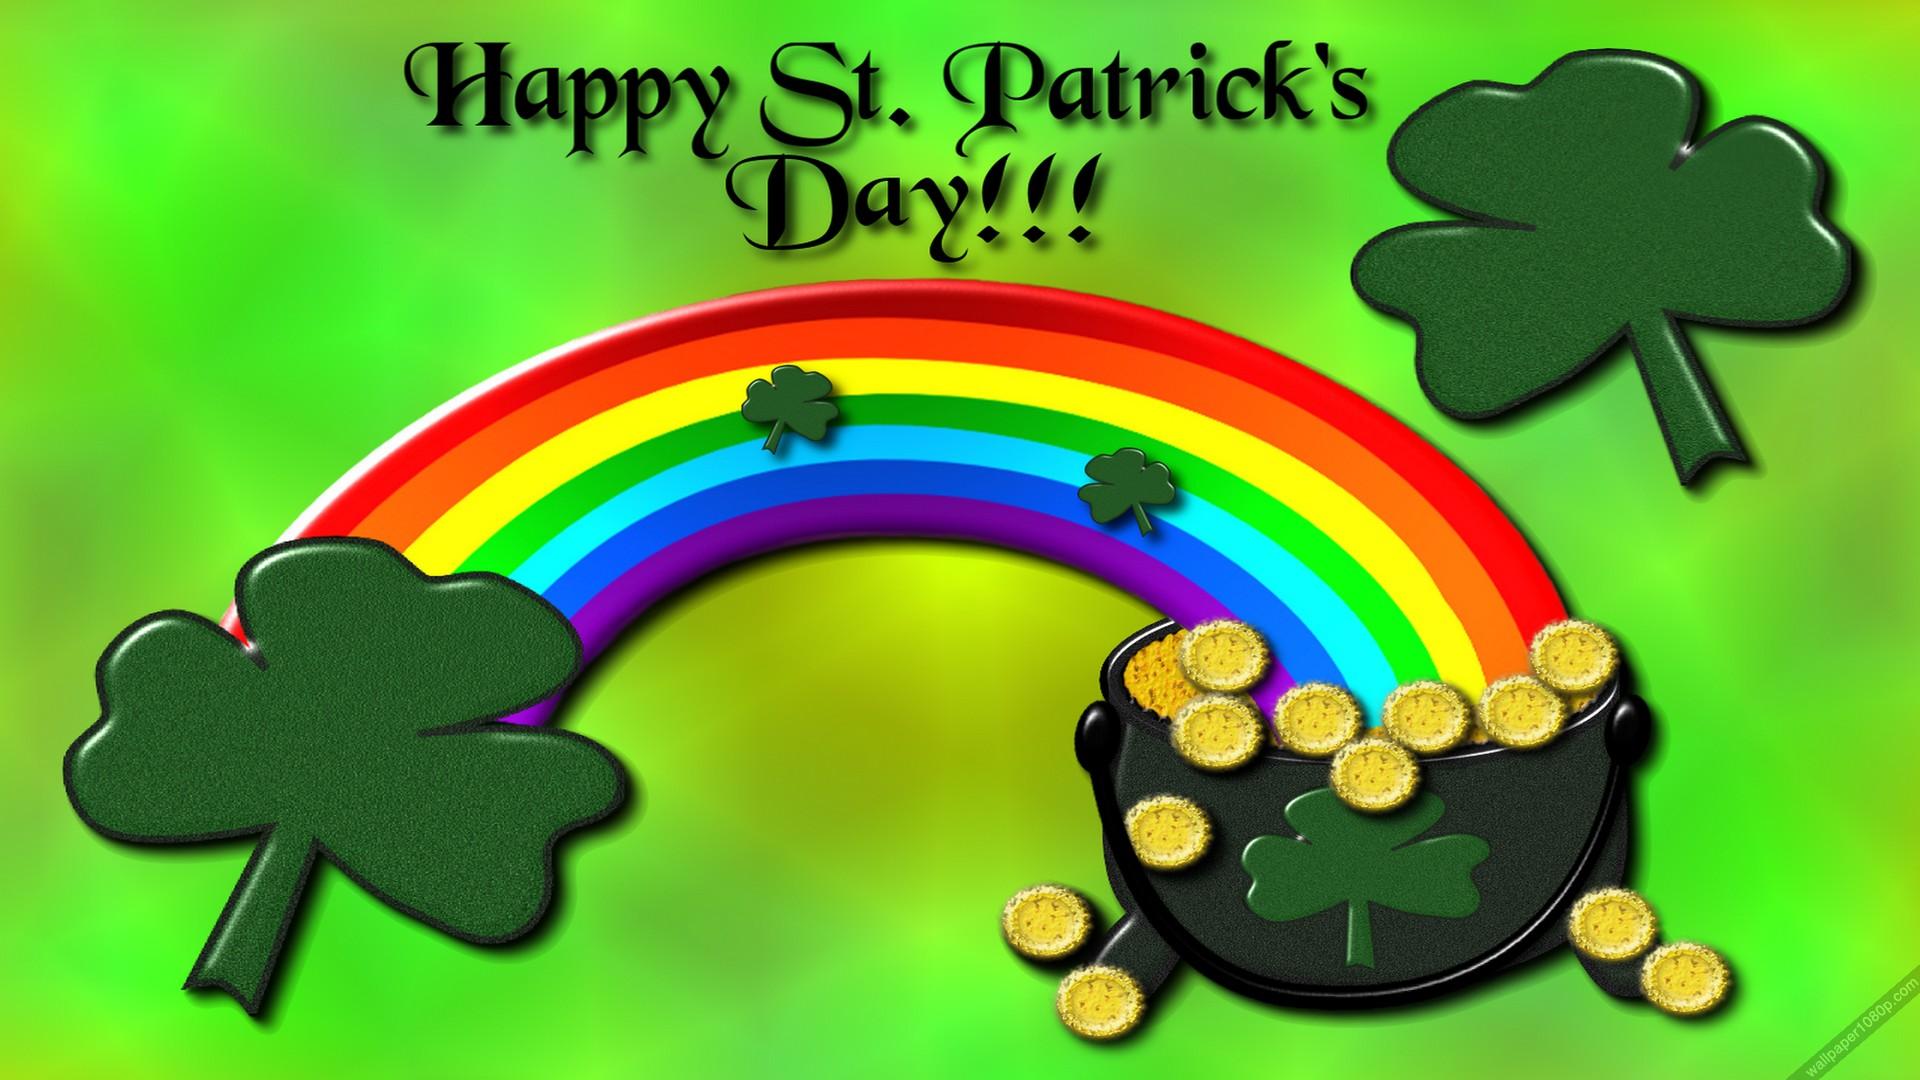 St Patrick's Day Desktop Background, wallpaper, St Patrick's Day ...